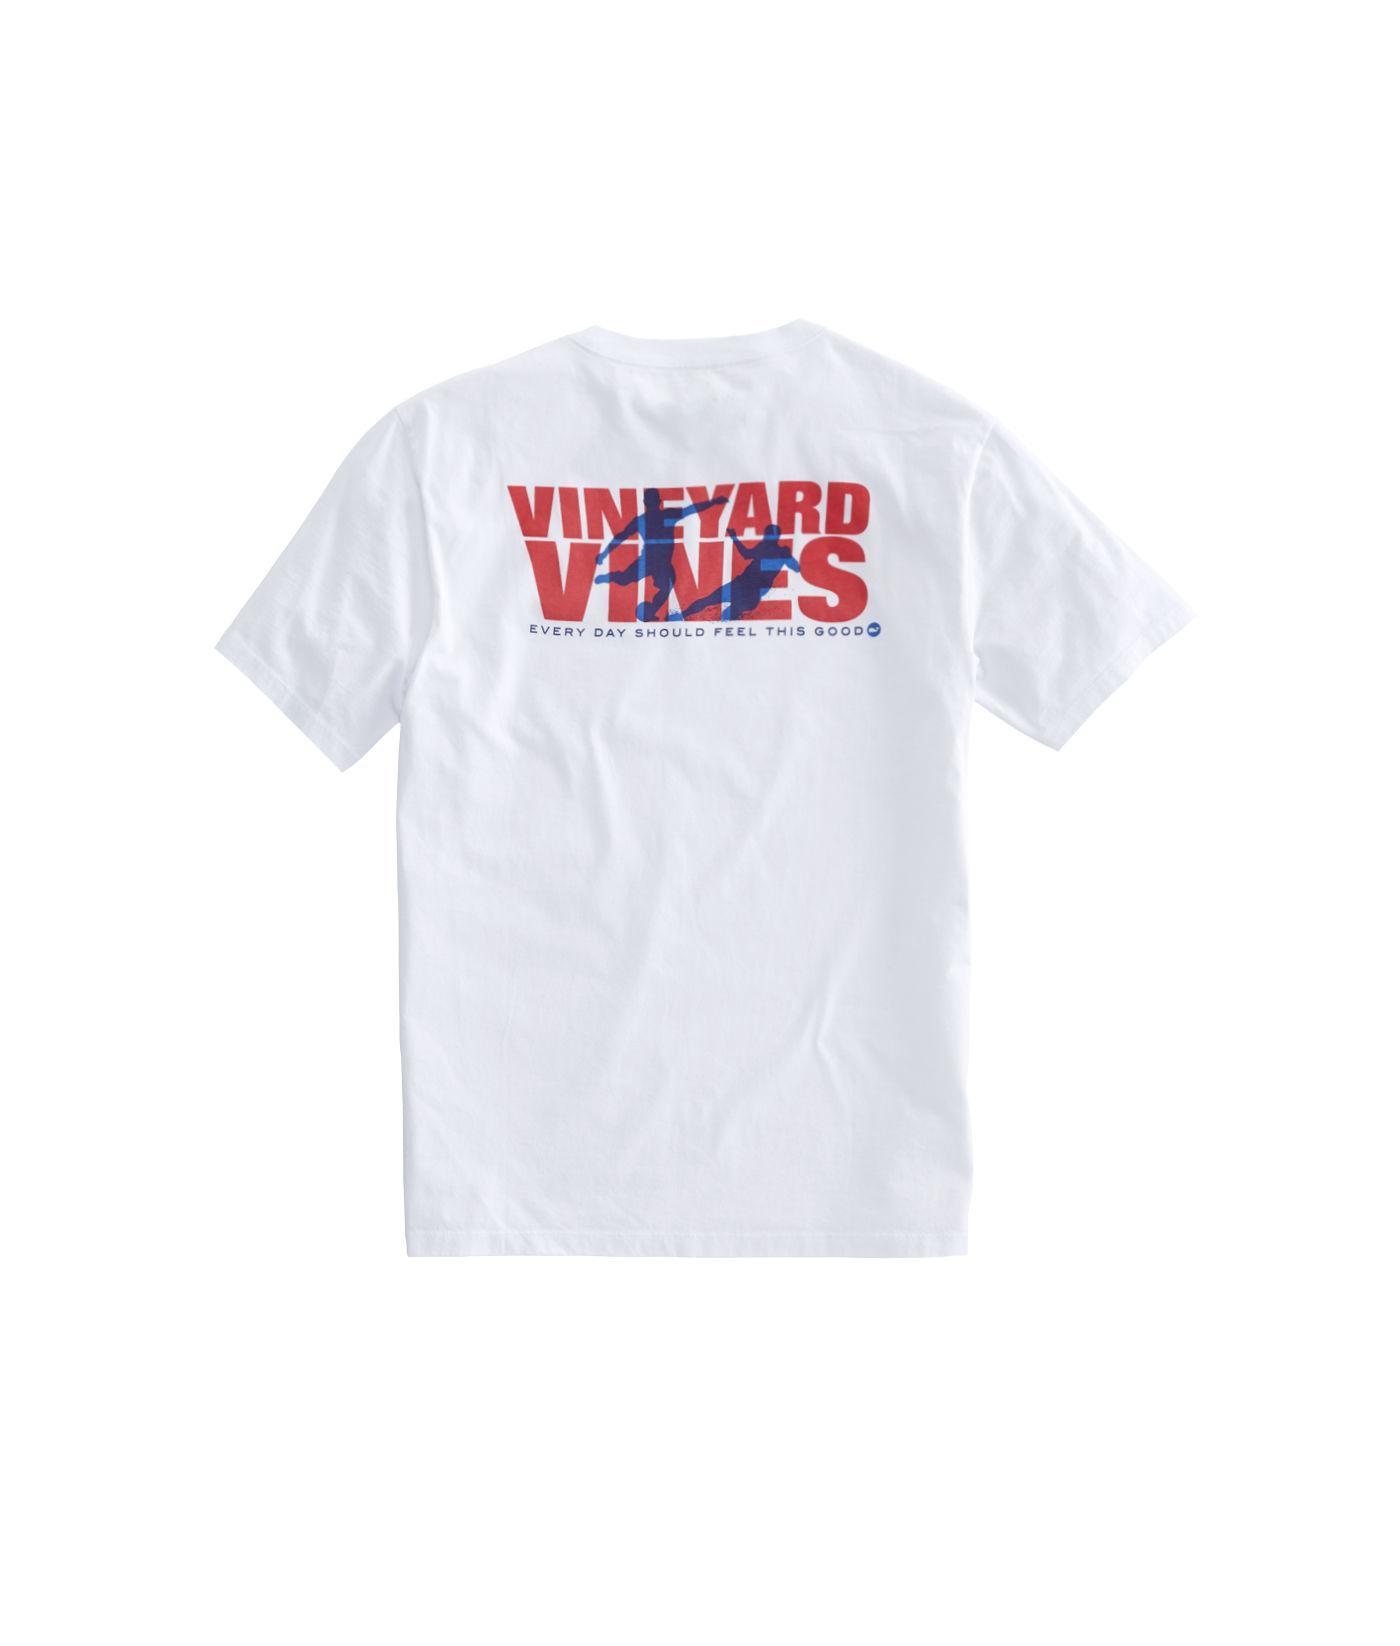 Lyst - Vineyard Vines Knockout Soccer Pocket T-shirt in White for Men 7e25b38fb